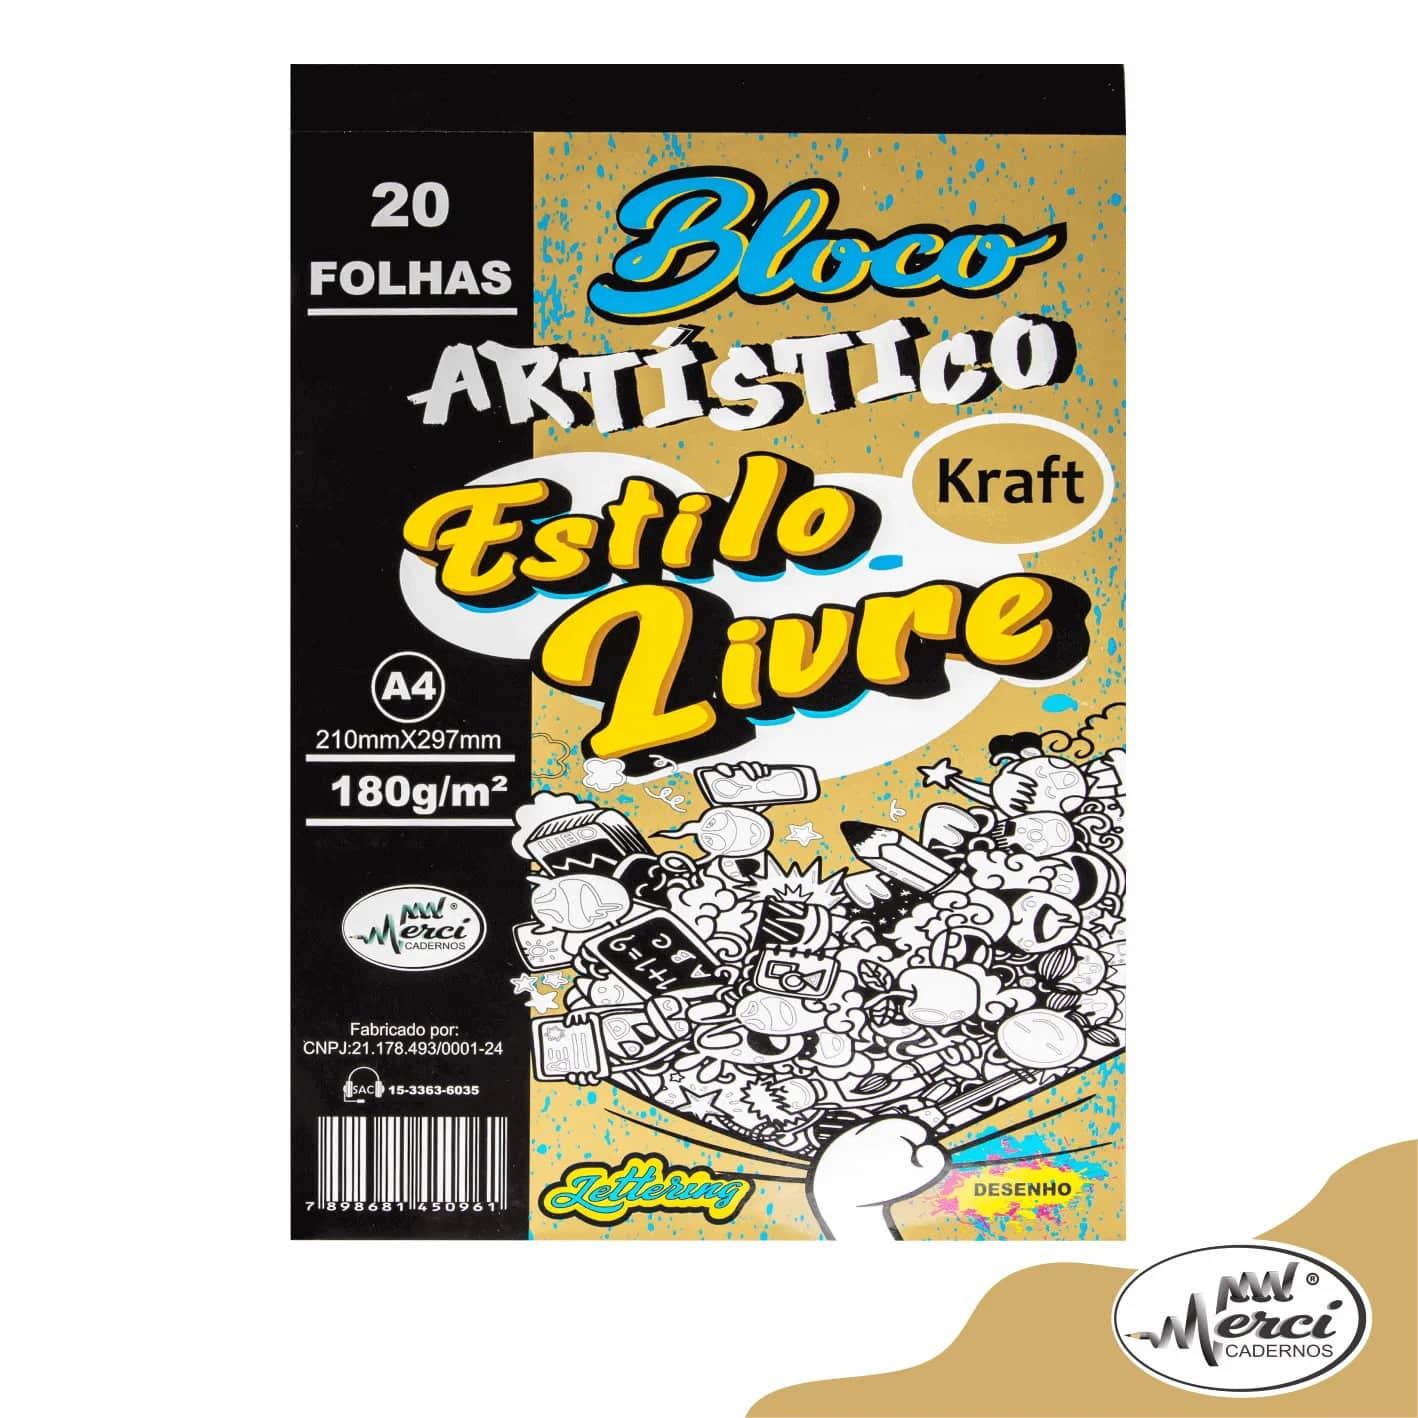 Bloco Artistico Estilo Livre Kraft A4 180g/m² c/ 20Folhas - Merci